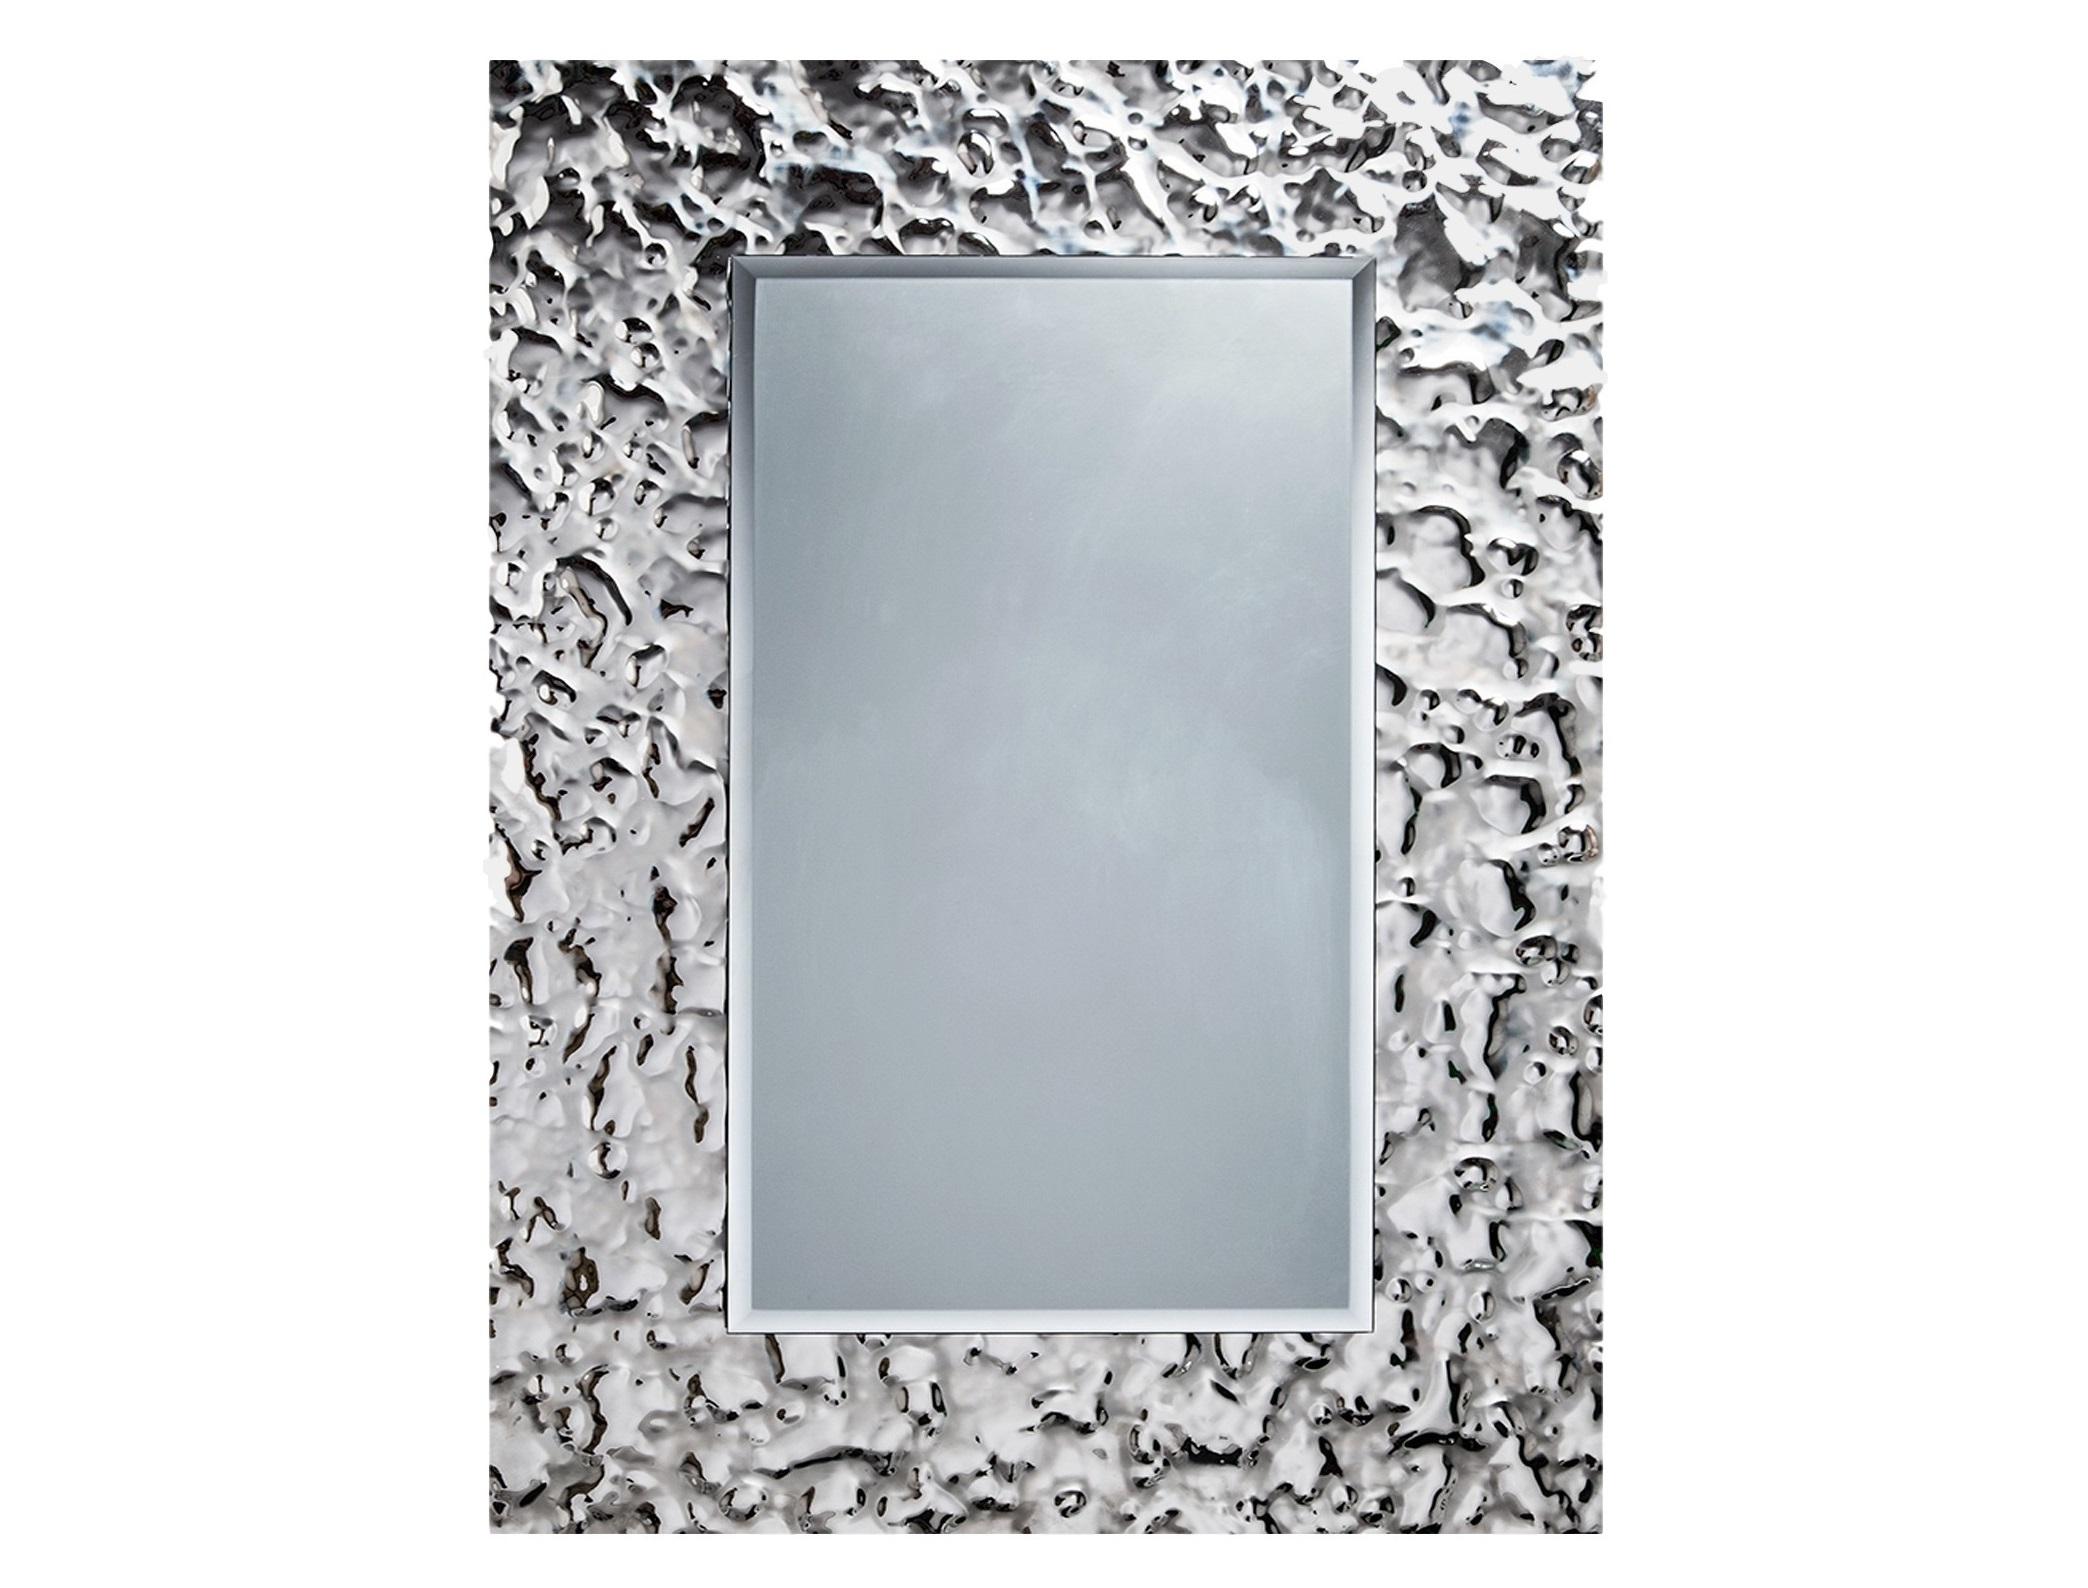 Зеркало Прямоугольник AquaНастенные зеркала<br>Прямоугольное зеркало – казалось бы, что в этом необычного? Объемная стеклянная рама, изготовленная по авторской технологии – вот главная изюминка этого изделия. Преломляя лучи света, поверхность прямоугольного зеркала пестрит разноцветными огнями, словно флиртуя с каждым прохожим. Такое зеркало уже не может быть просто дополнением к интерьеру. Это, скорее, эффективный инструмент преображения любого пространства.  Обрамление зеркала имитирует поверхность воды, застывшую на долю секунды .  Зеркало в собранном виде и в комплекте есть крепления.<br><br>Material: Стекло<br>Ширина см: 80<br>Высота см: 120<br>Глубина см: 5